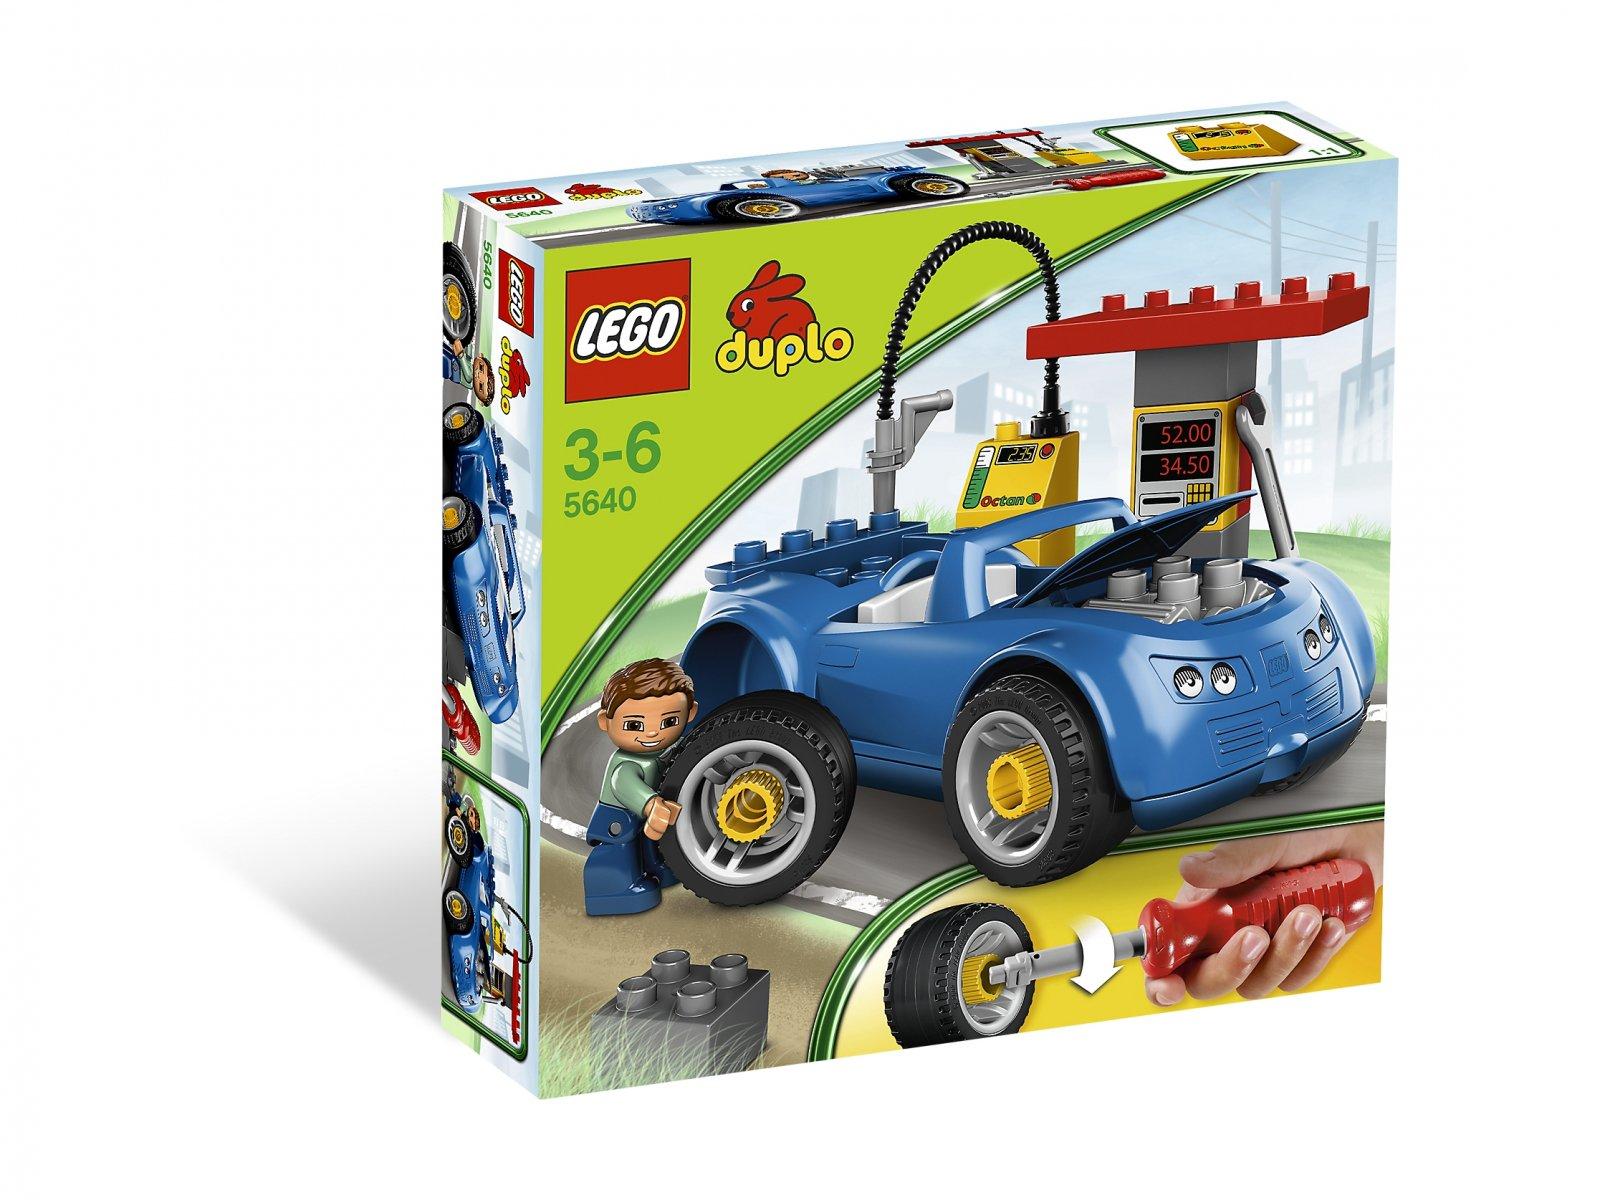 Lego 5640 Duplo Stacja Benzynowa Zklockówpl